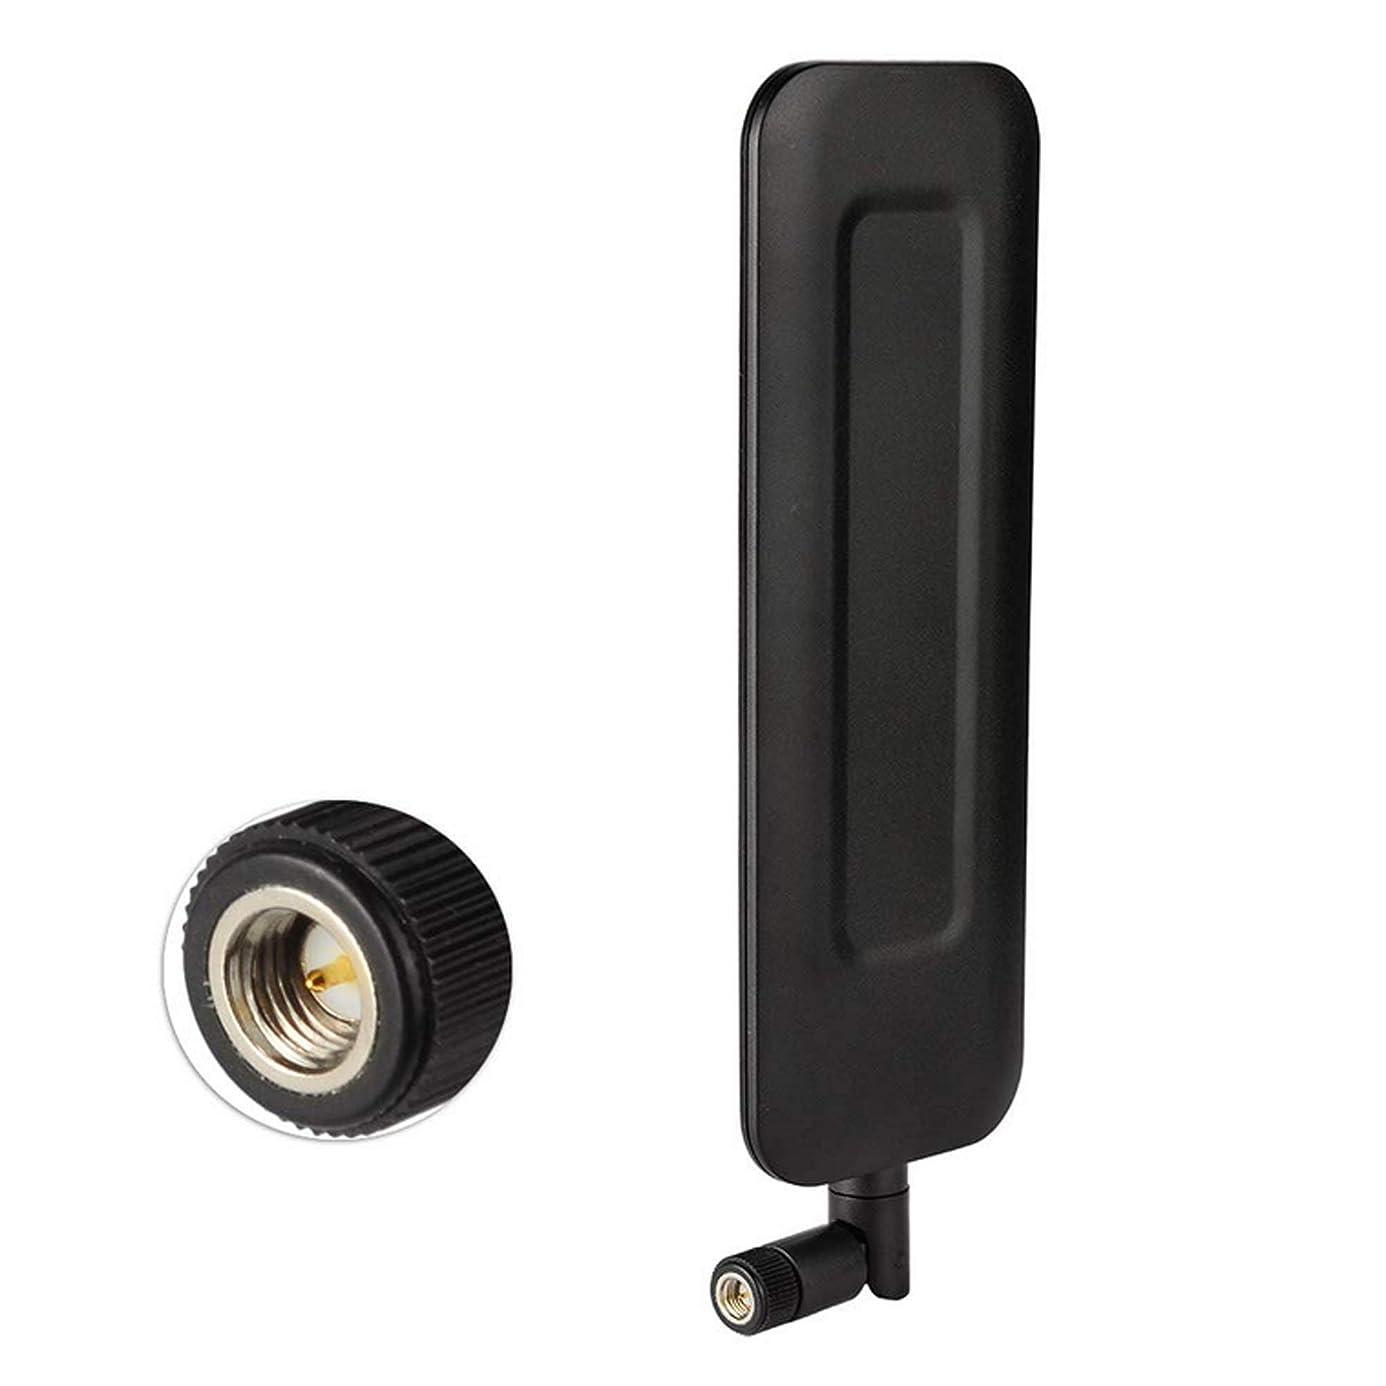 持ってるまっすぐにするチャップXI_XI 4G LTE 2dBi SMA 空中アンテナ ステルスカメラ GXW 12MP ワイヤレスゲームカメラ用